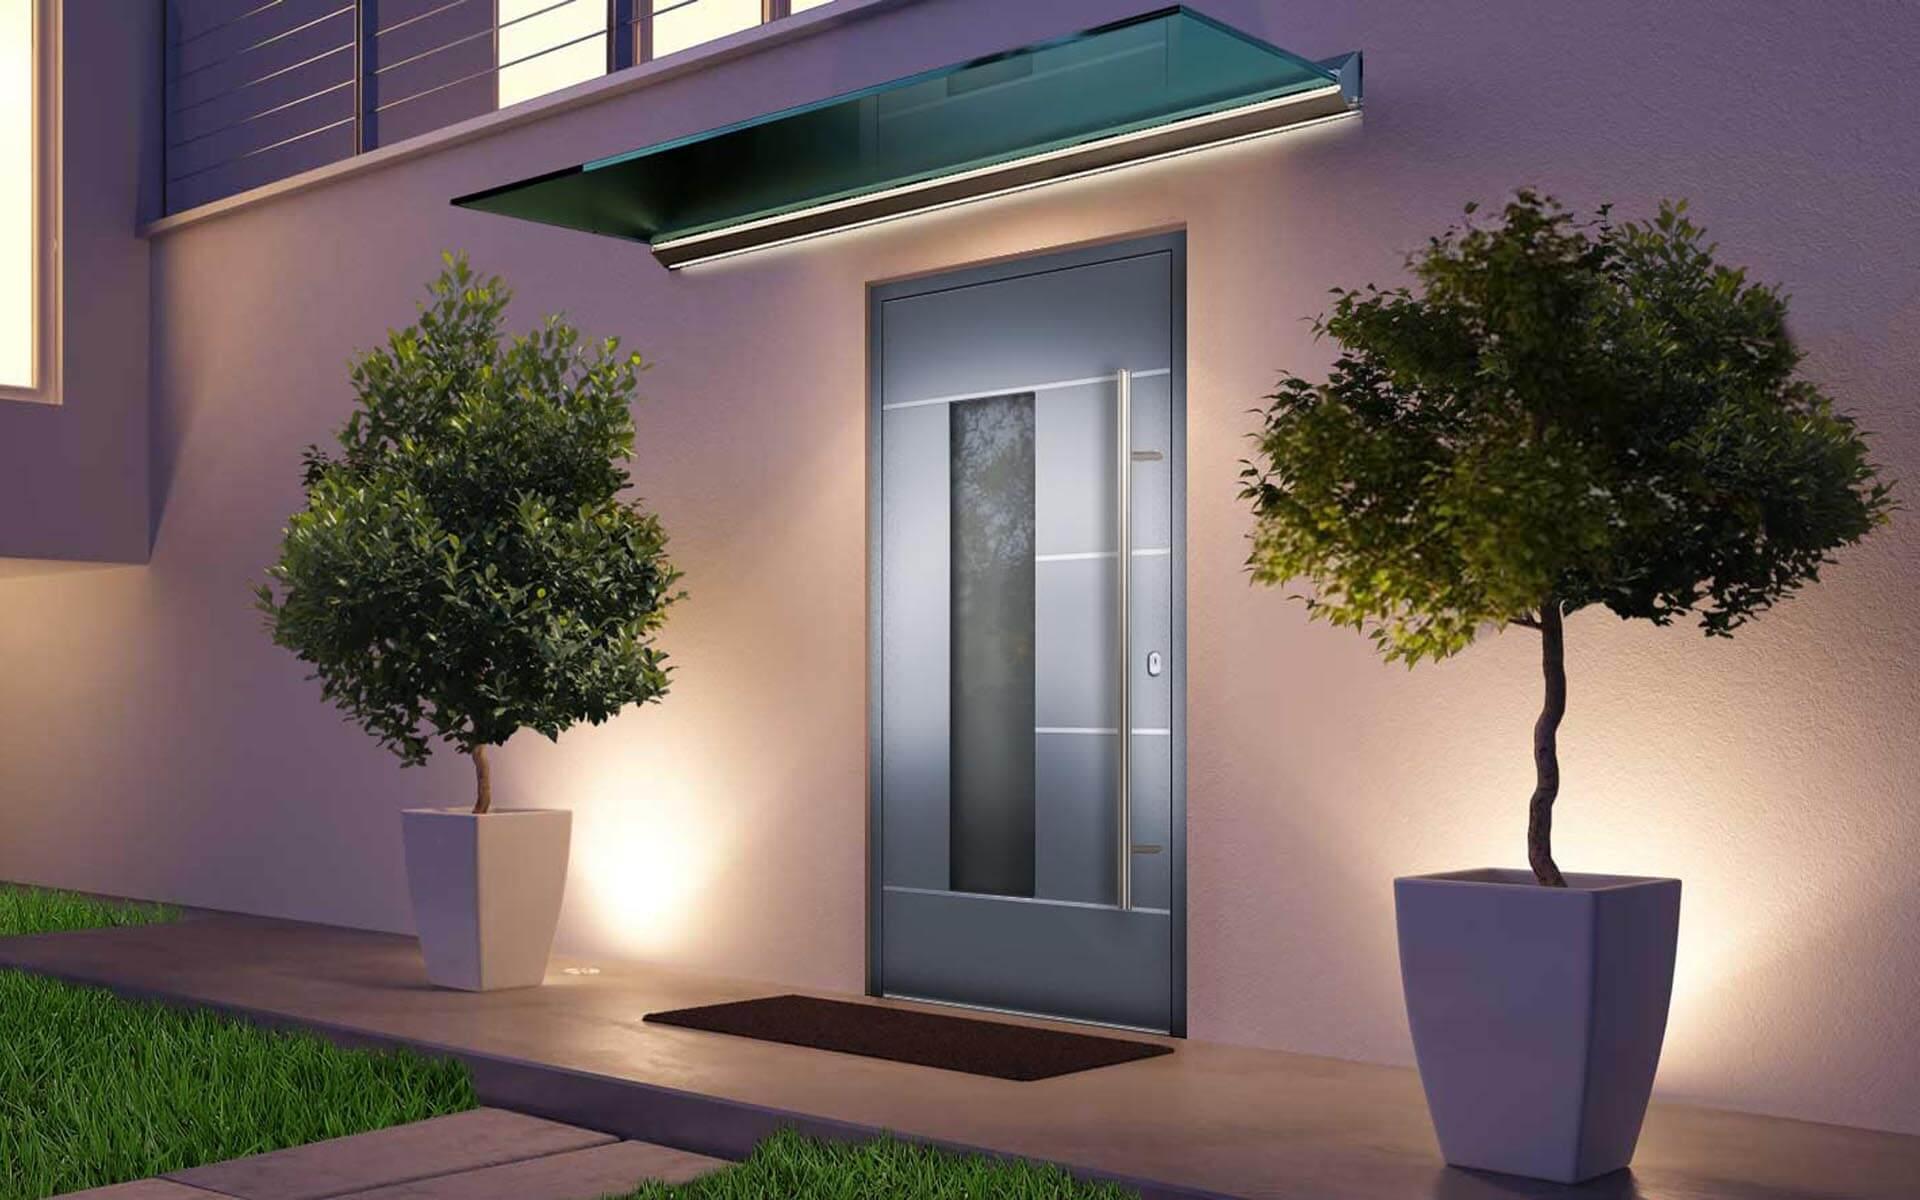 Sklenená strieška s LED osvetlením nad hliníkovými vchodovými dverami AVI-792 vo farbe biely hliník